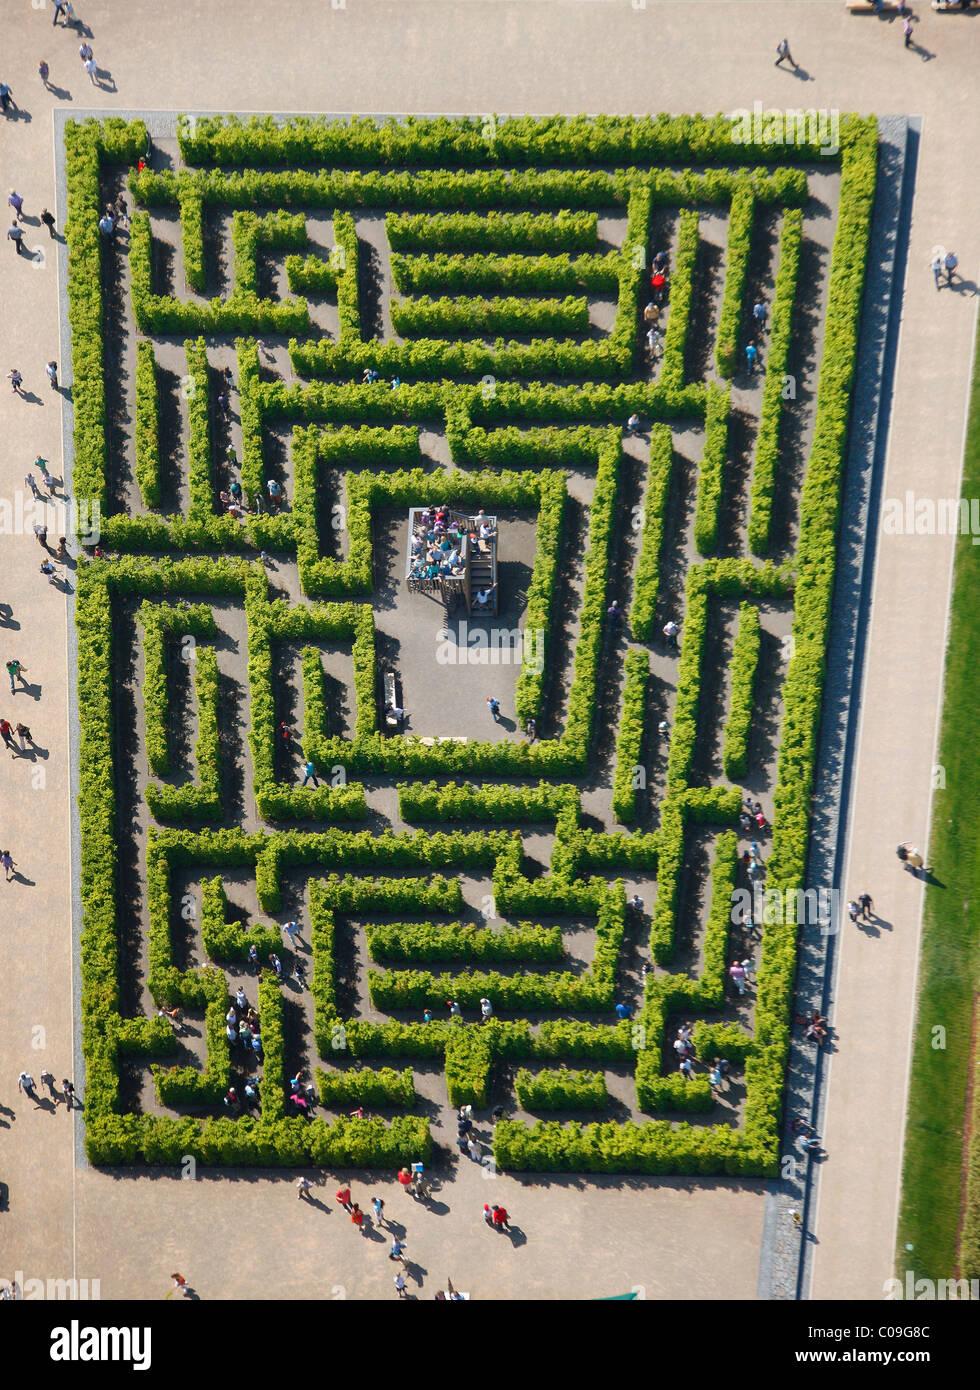 labyrinth garden design. Aerial view  labyrinth hedge maze Landesgartenschau Hemer Country Garden Exhibition Maerkischer Kreis area